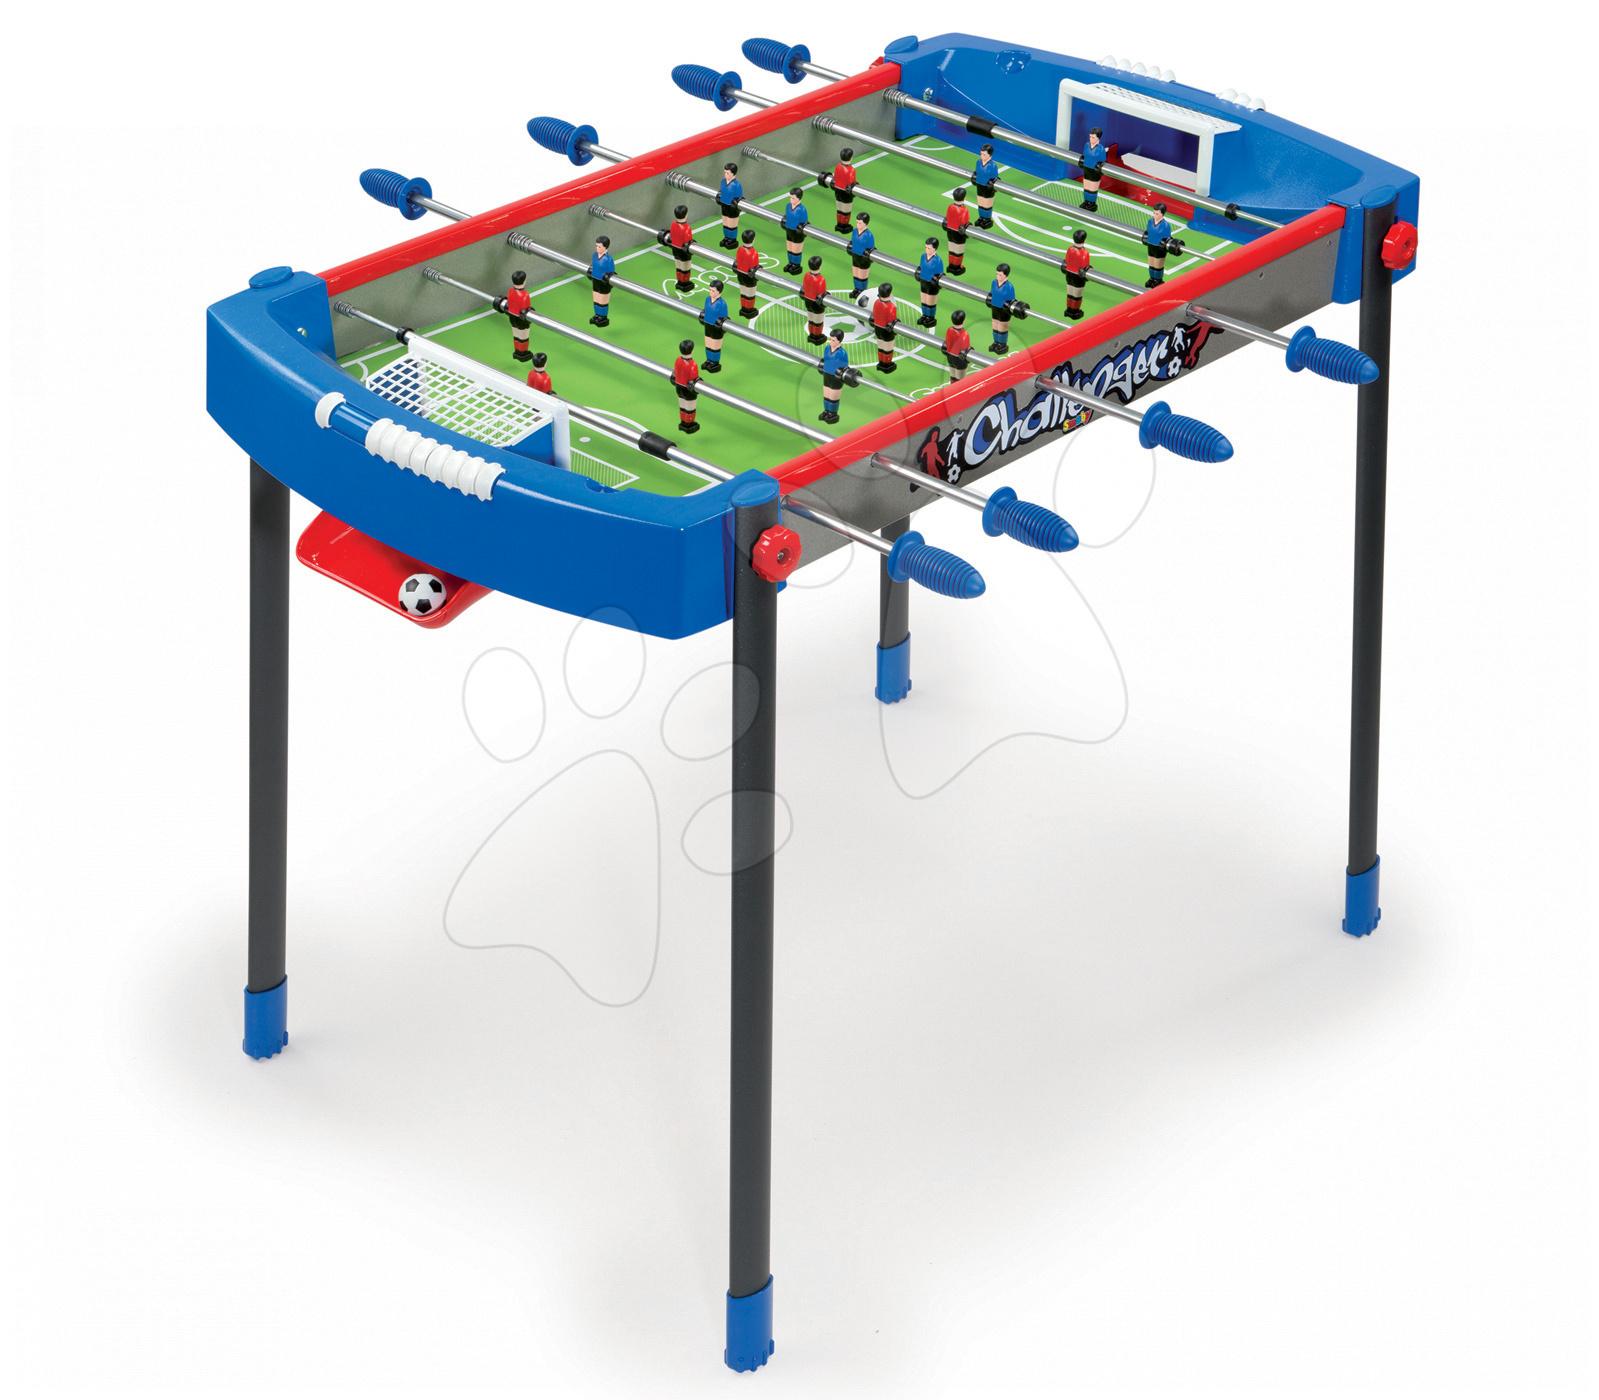 Fotbalový stůl Challenger Smoby s 2 míčky modro-červený od 6 let